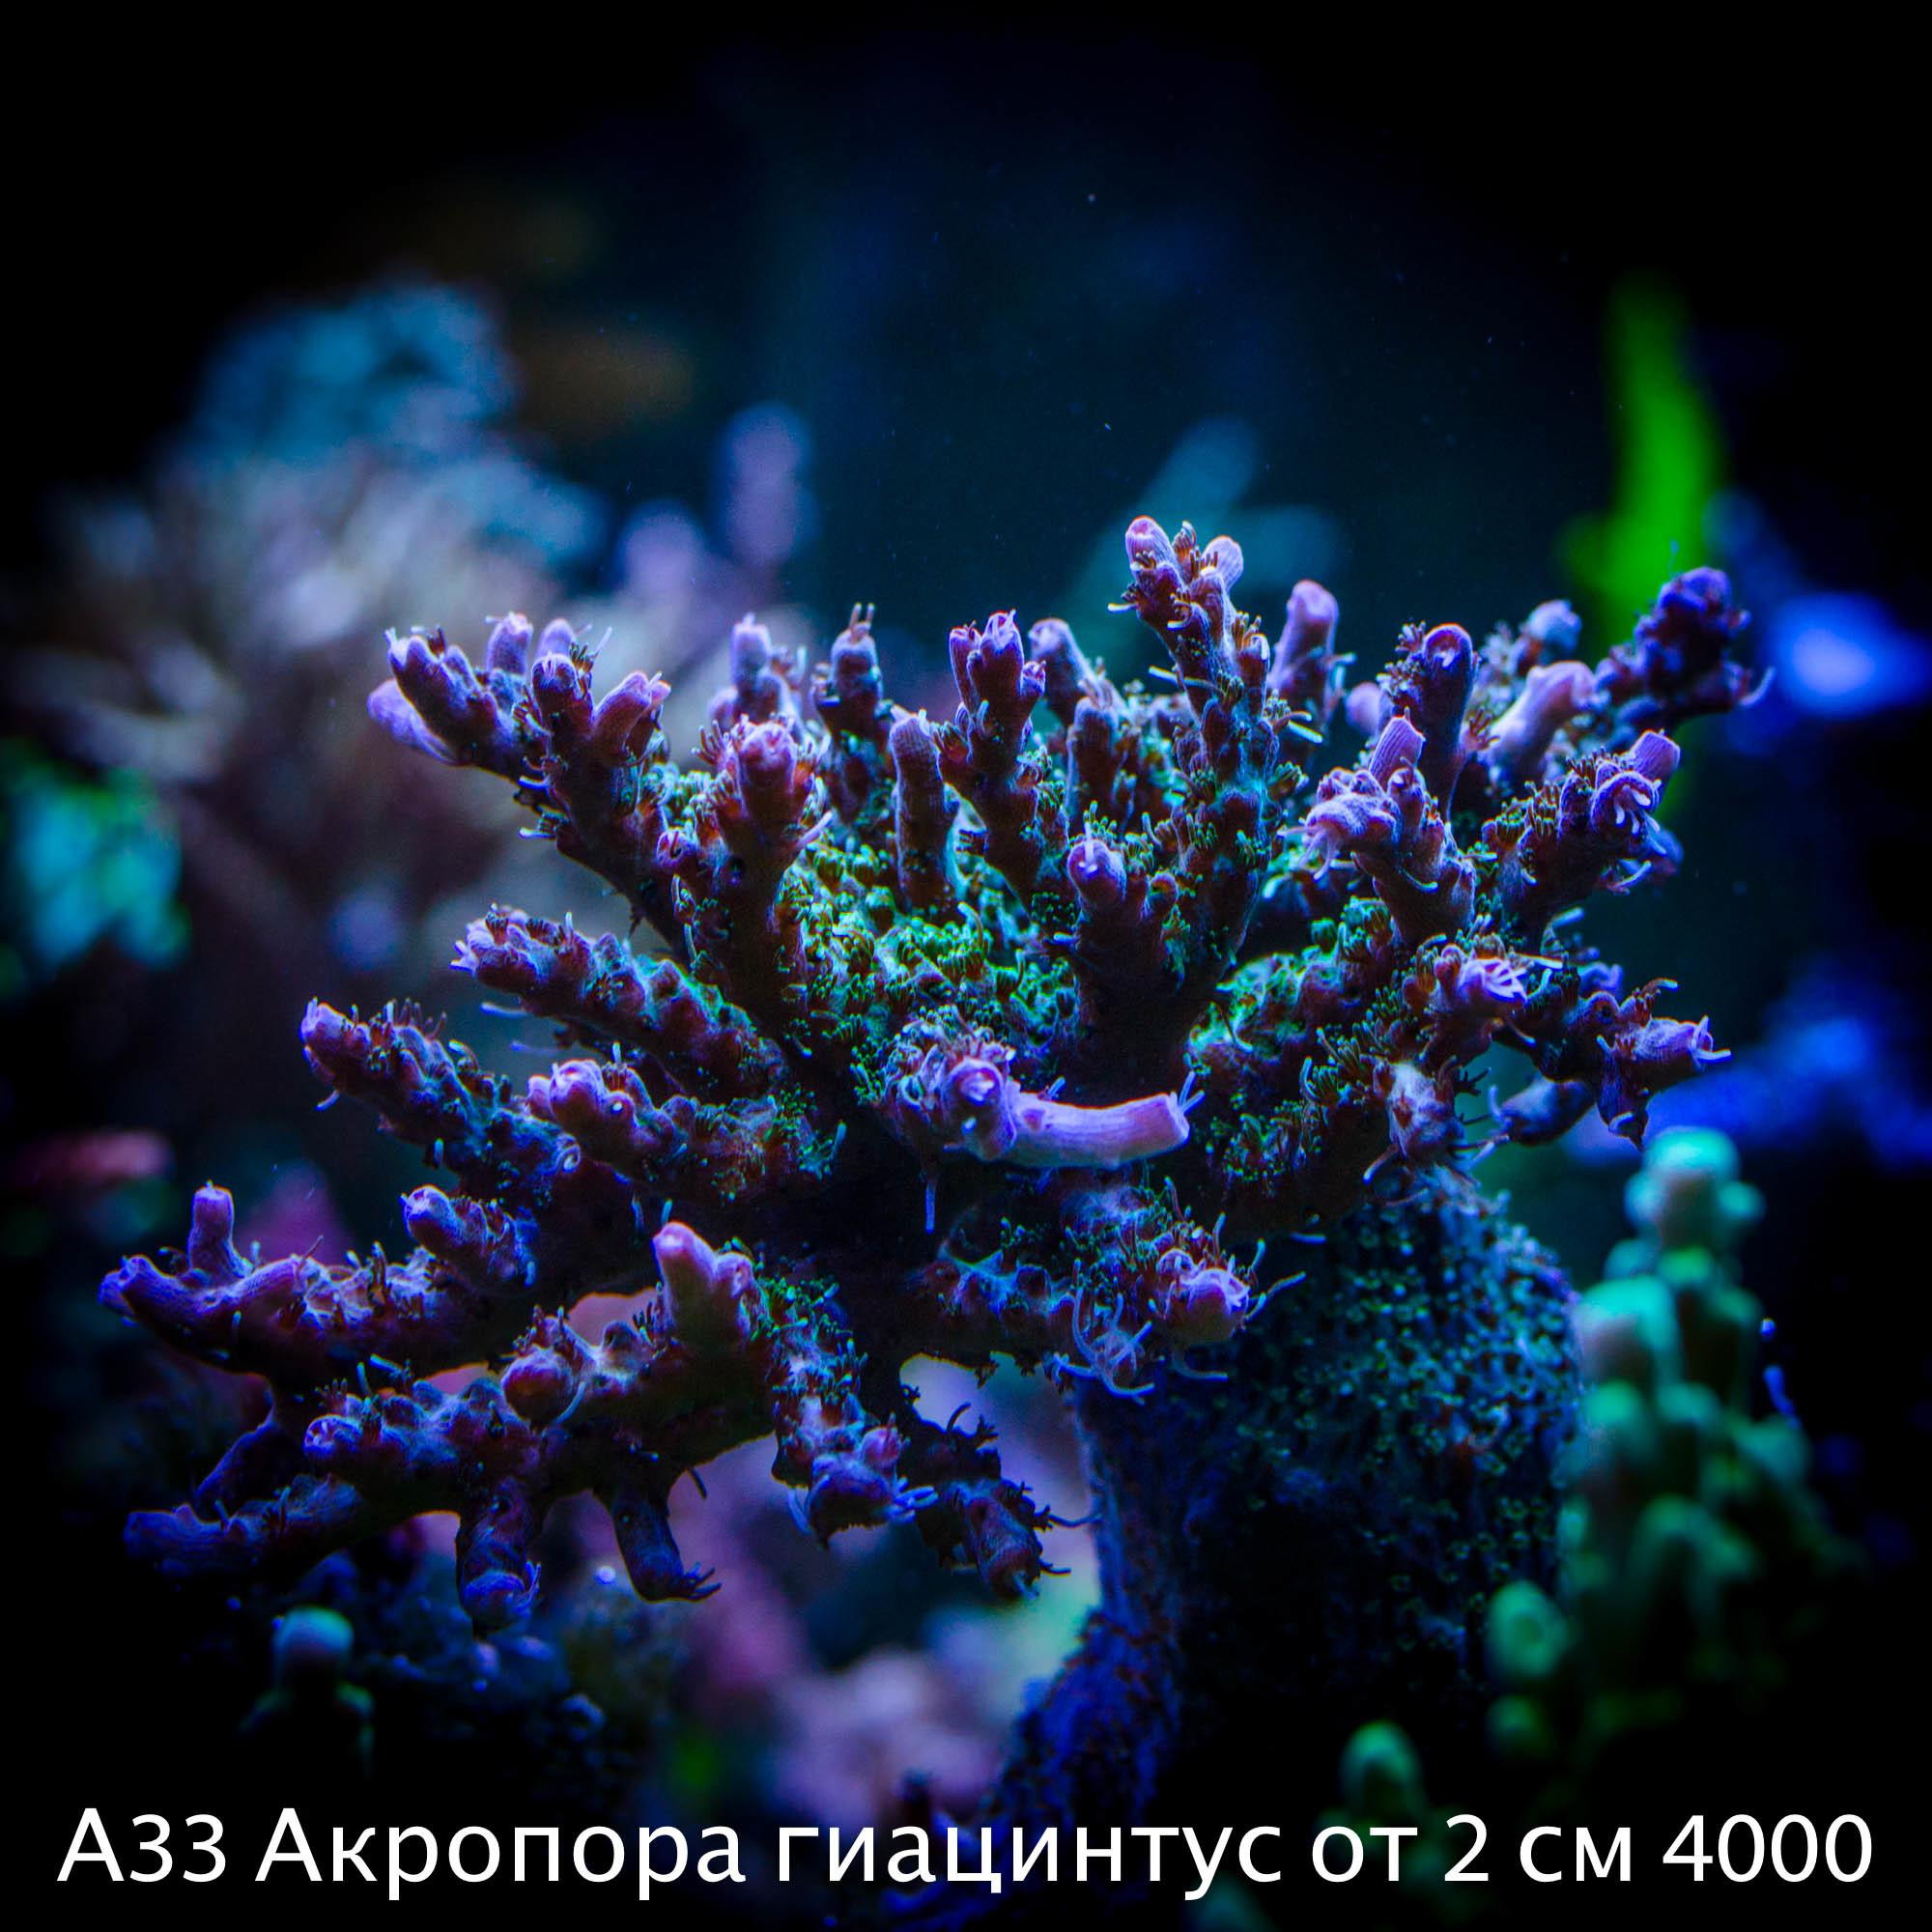 А33 Акропора гиацинтус от 2 см 4000